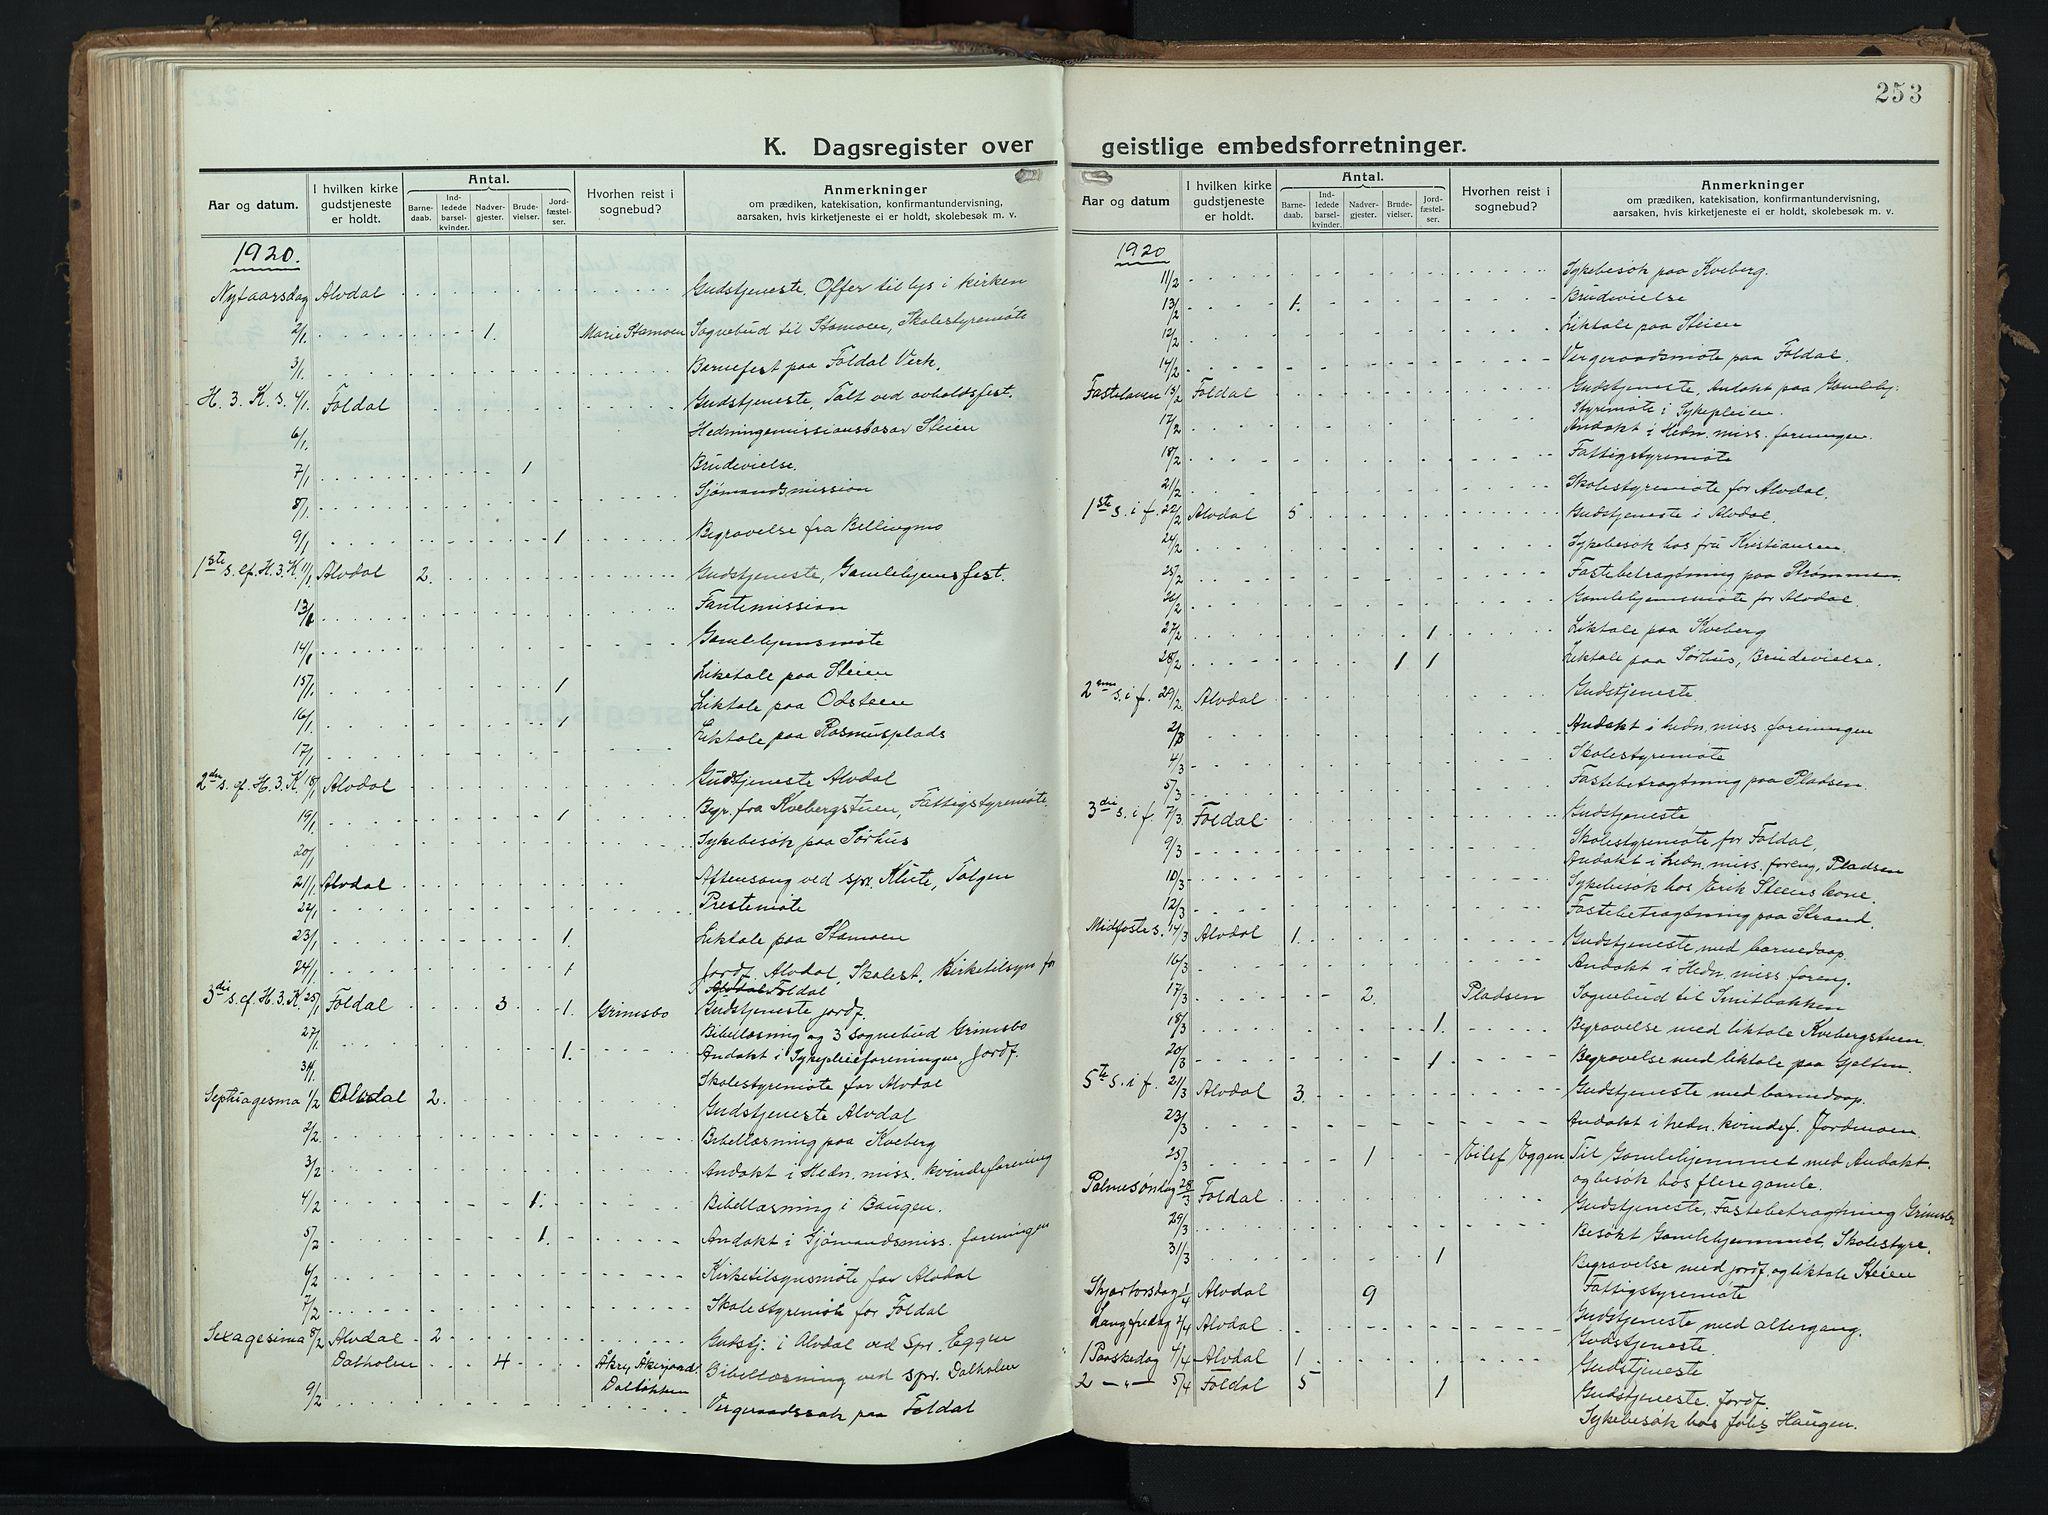 SAH, Alvdal prestekontor, Ministerialbok nr. 6, 1920-1937, s. 253